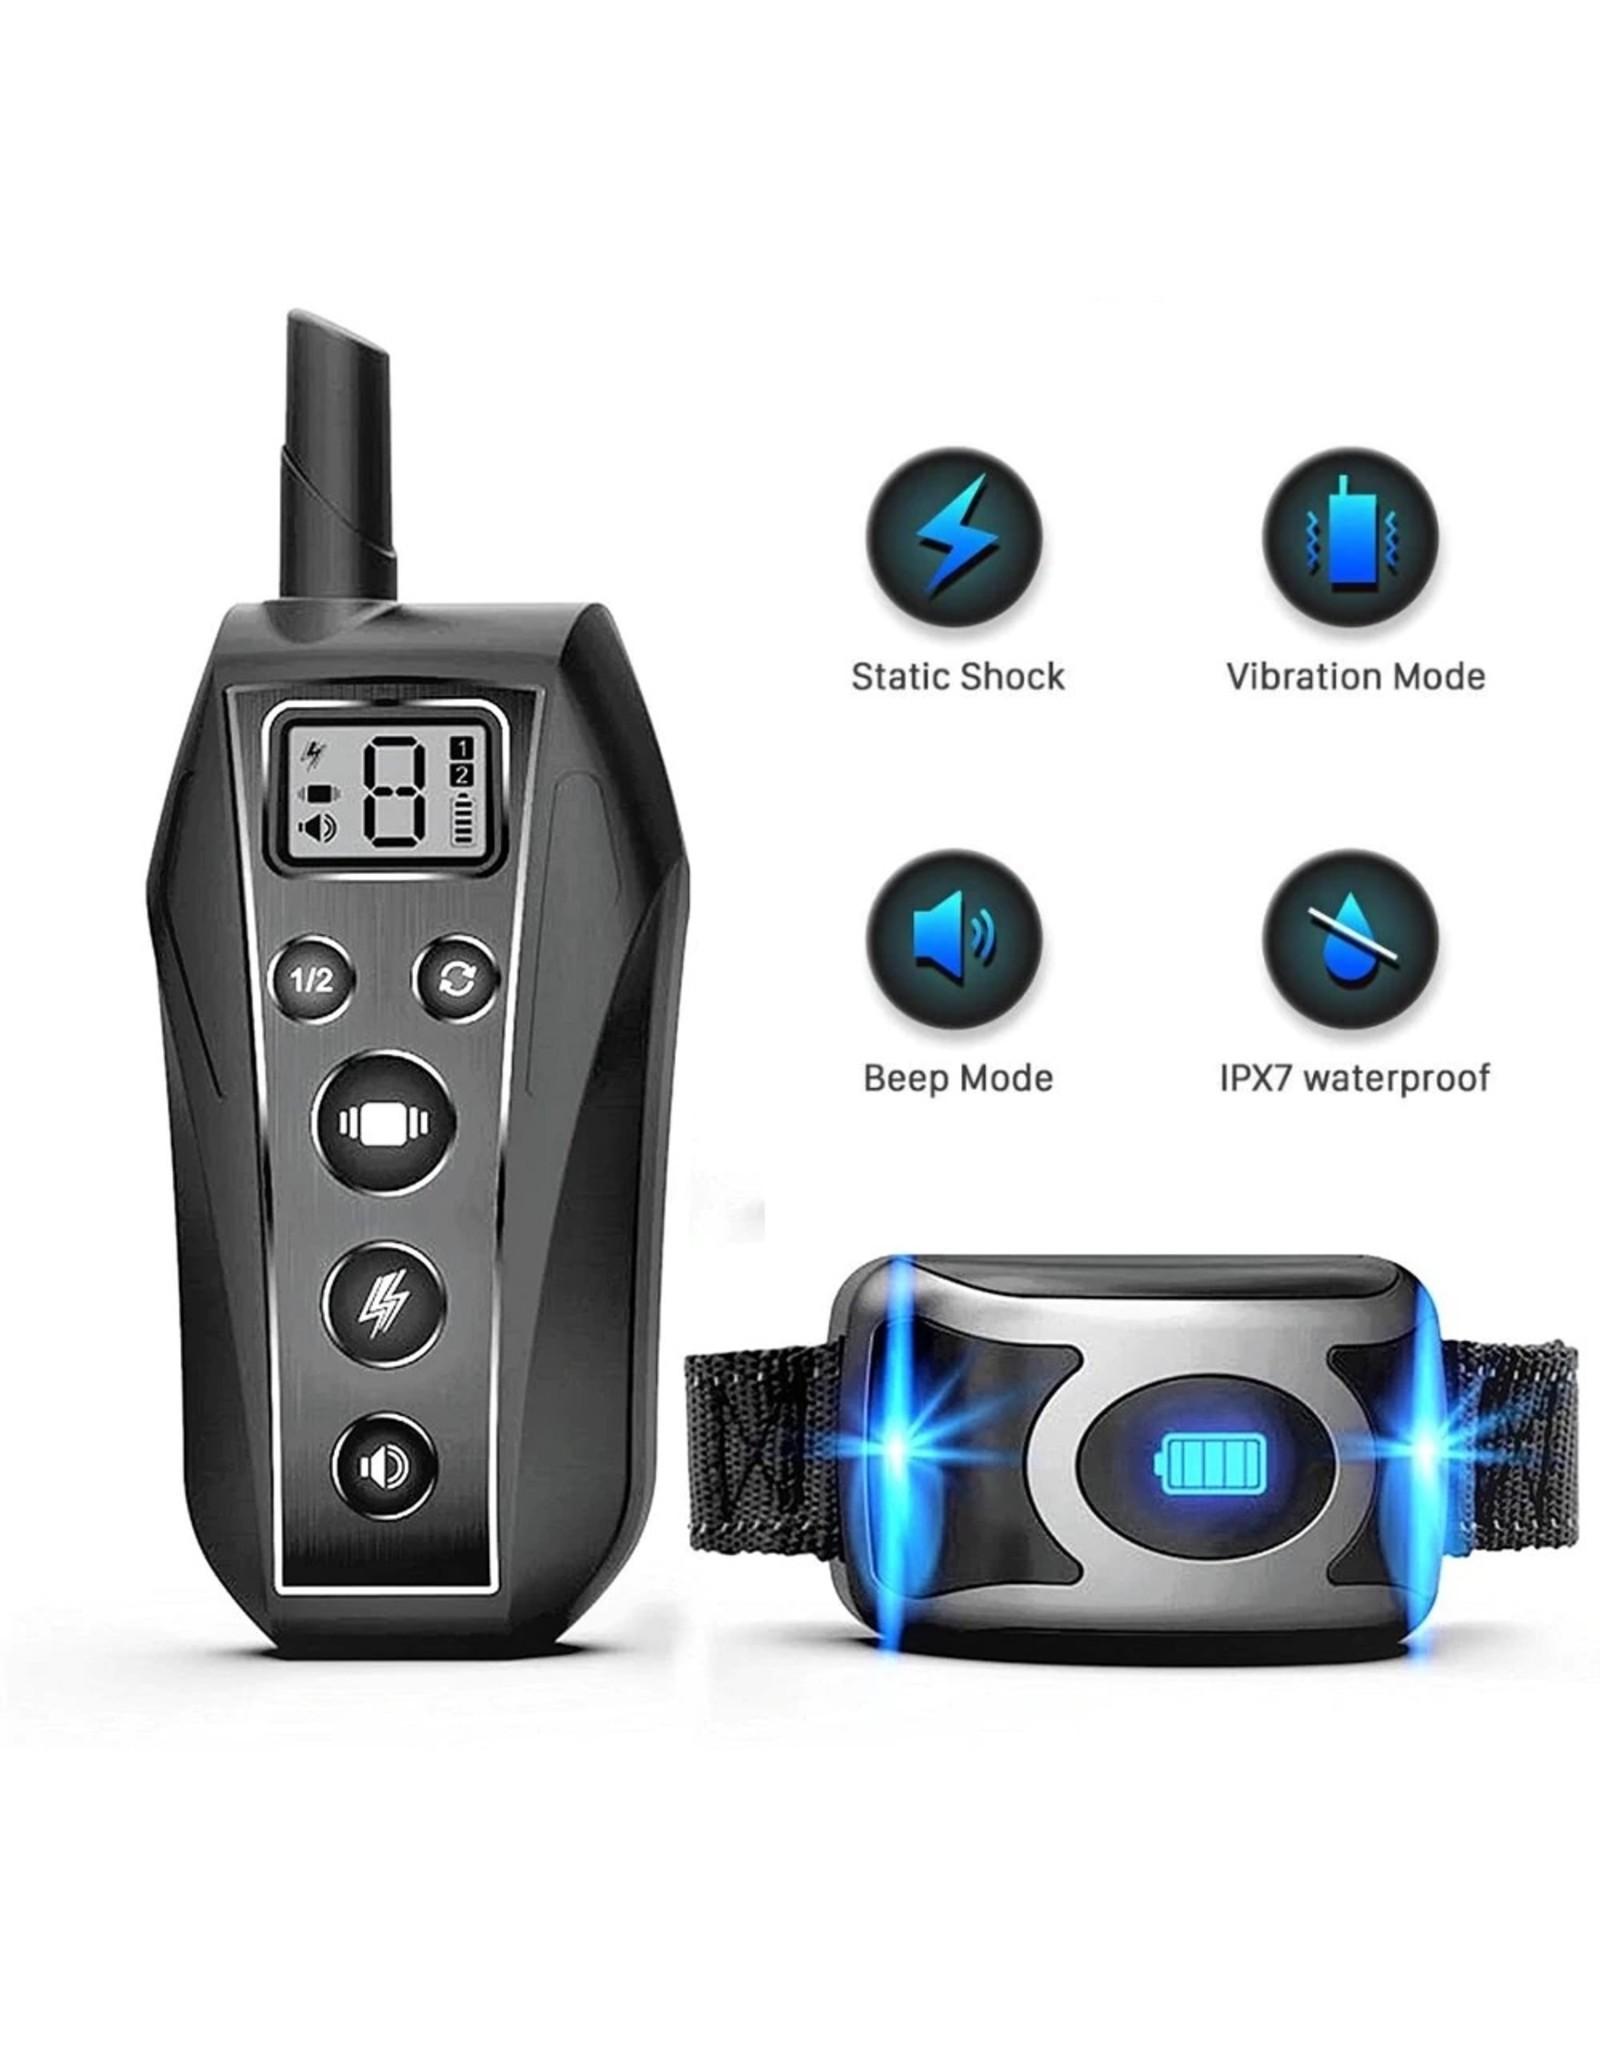 IPX7 waterdichte trainingshalsband voor huisdieren met afstandsbediening voor een hond